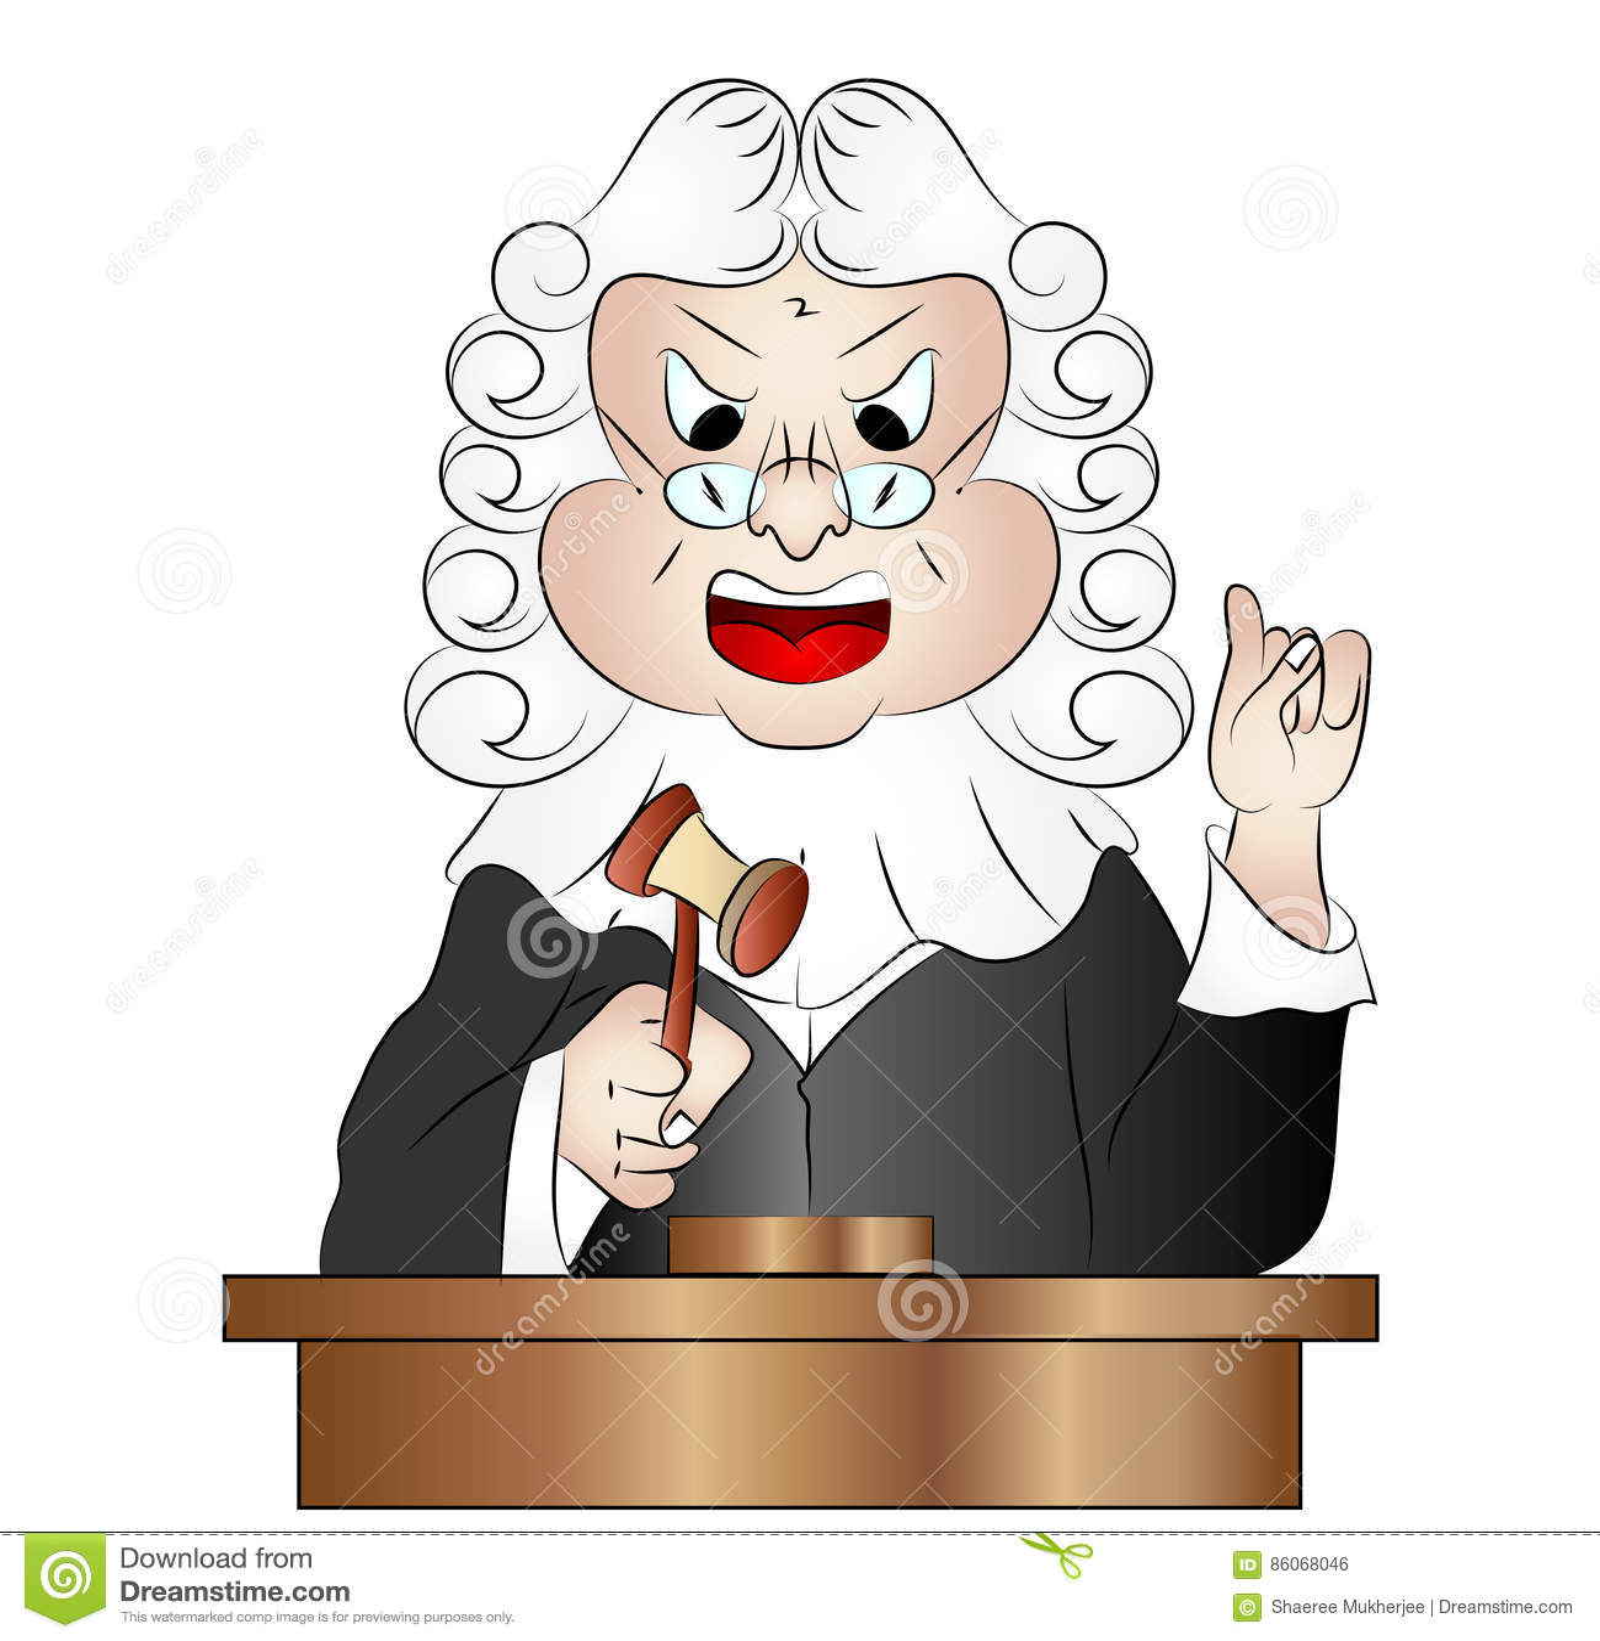 Cartoon Judge Vector Illustration Stock Vector Illustration Of